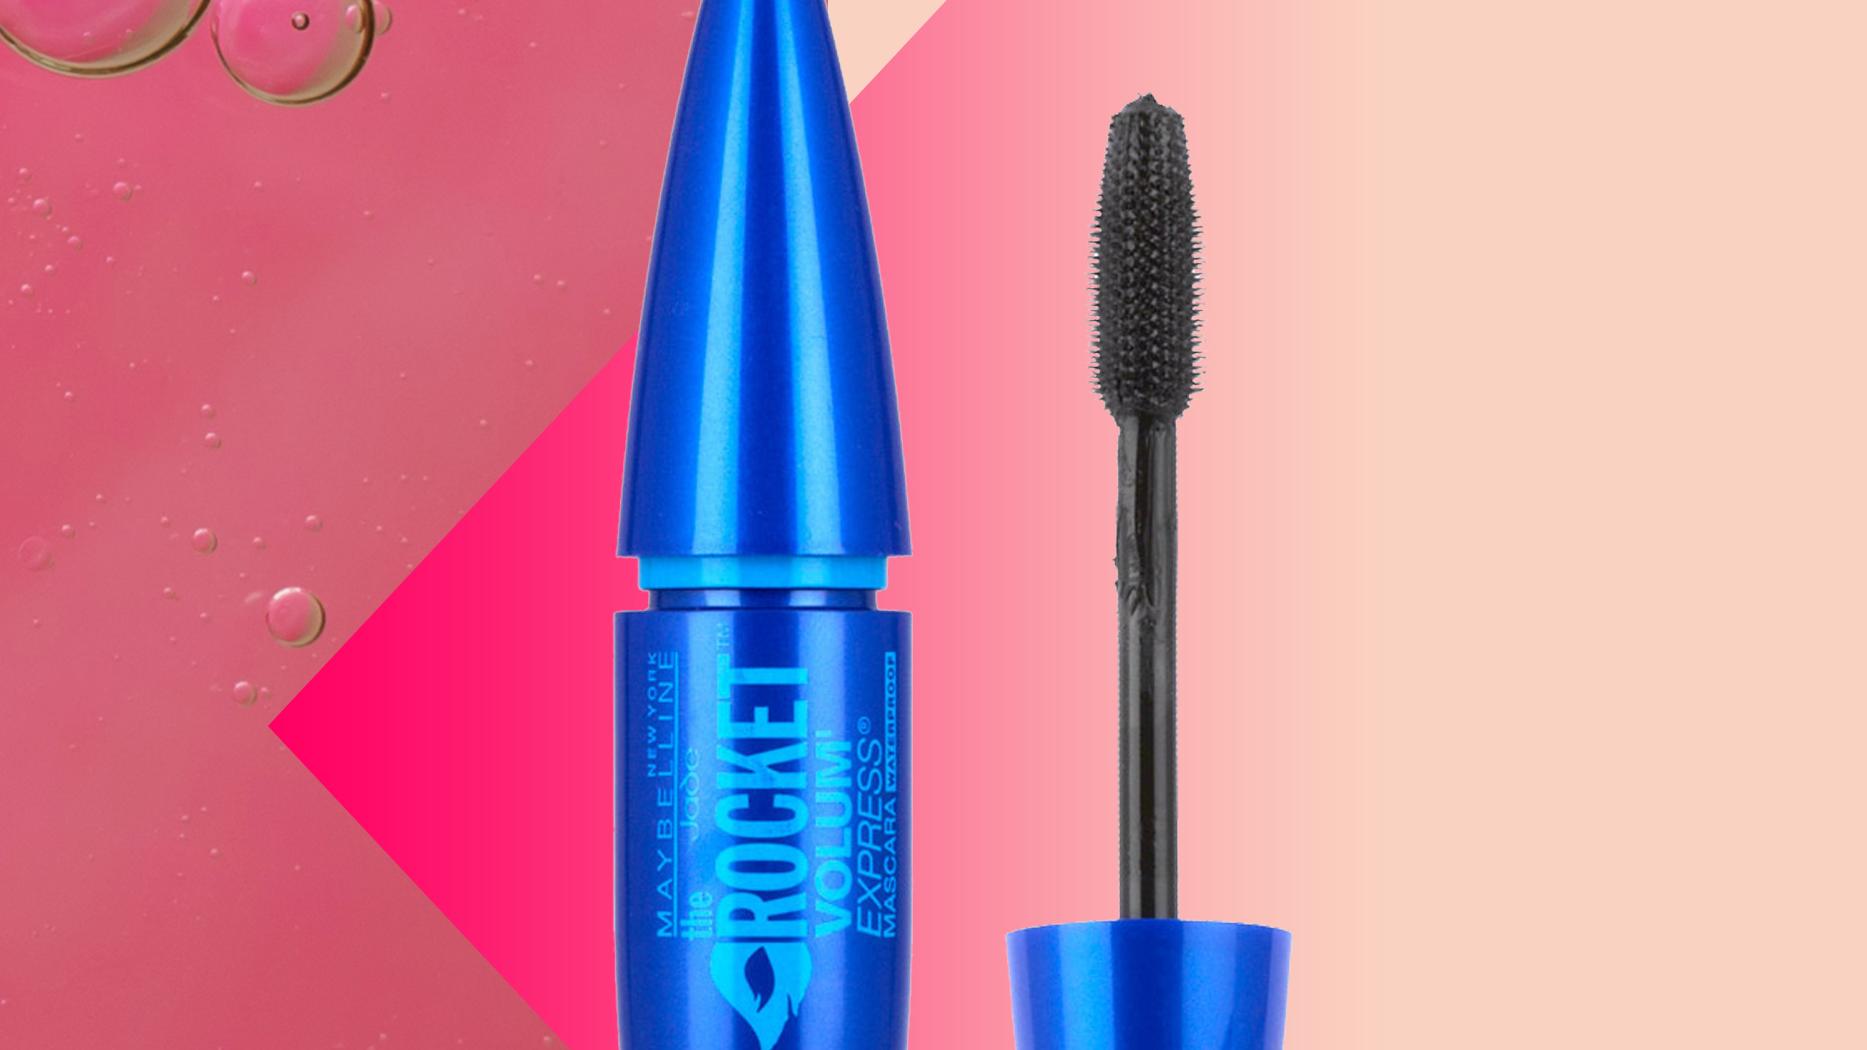 Waterproof Drugstore Makeup Maybelline Loreal Nyx